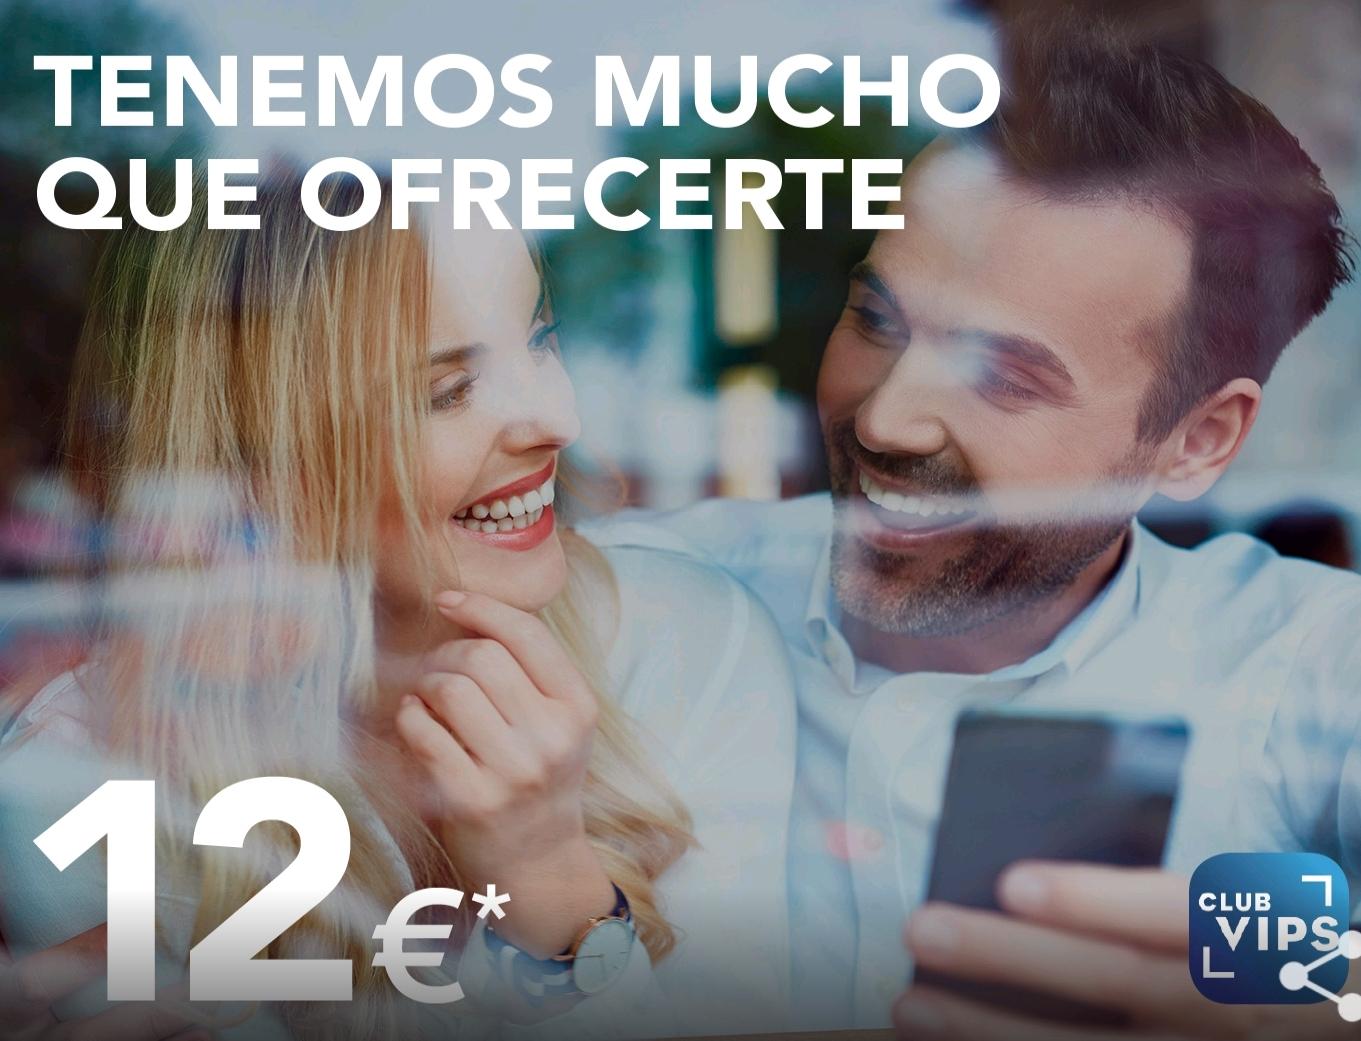 12€ descuento en Vips (consumo mínimo24€) desde la app (Cuentas seleccionadas)